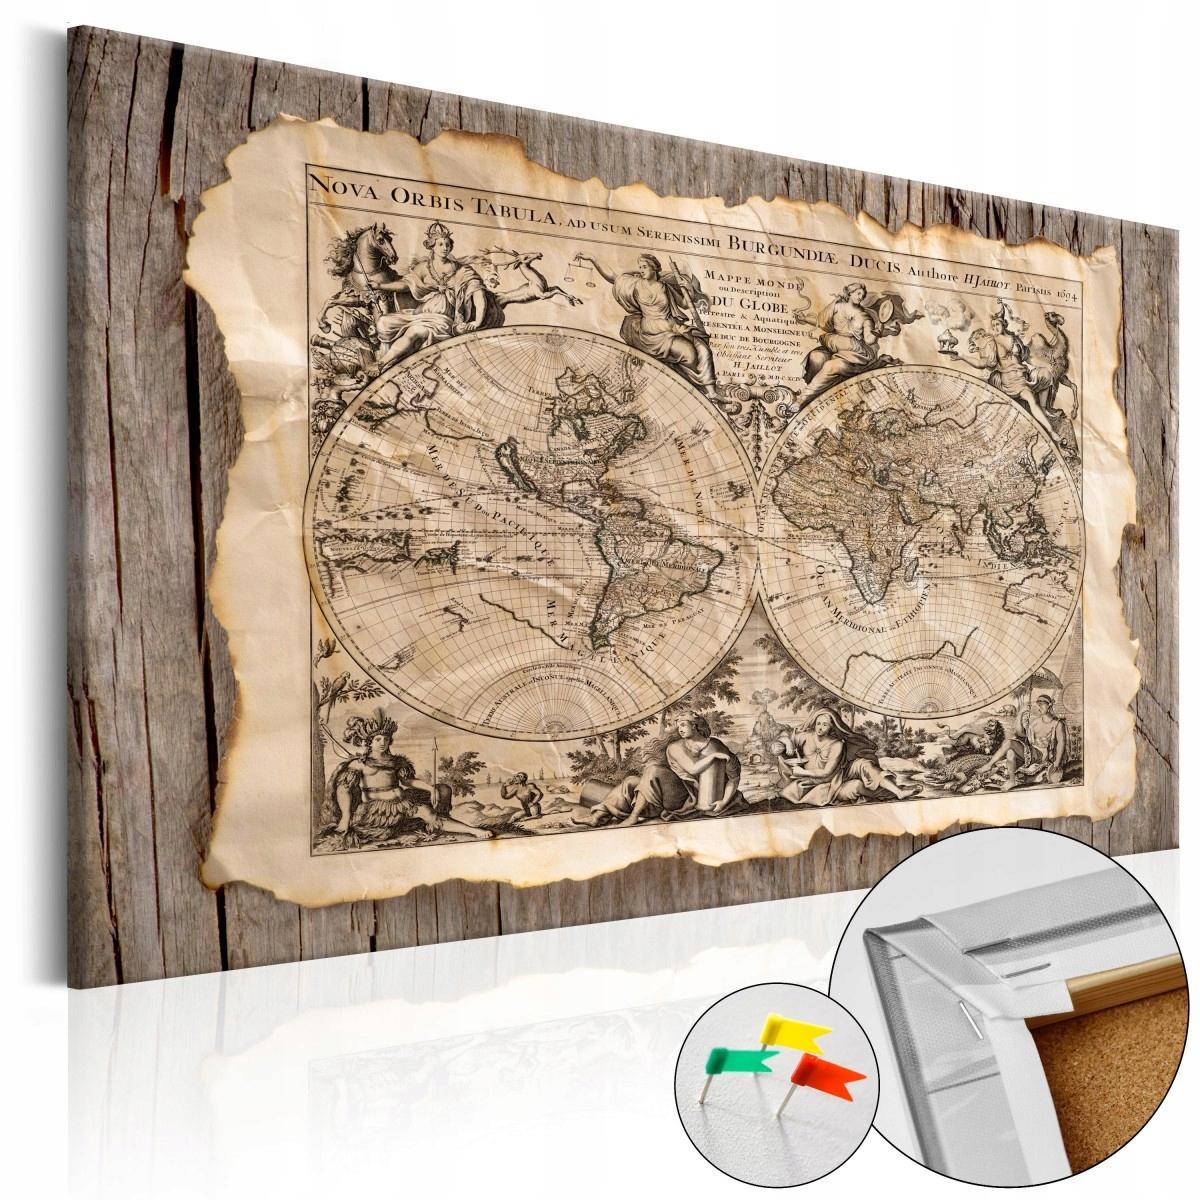 Cork obrázok stará mapa retro korková mapa 120x80